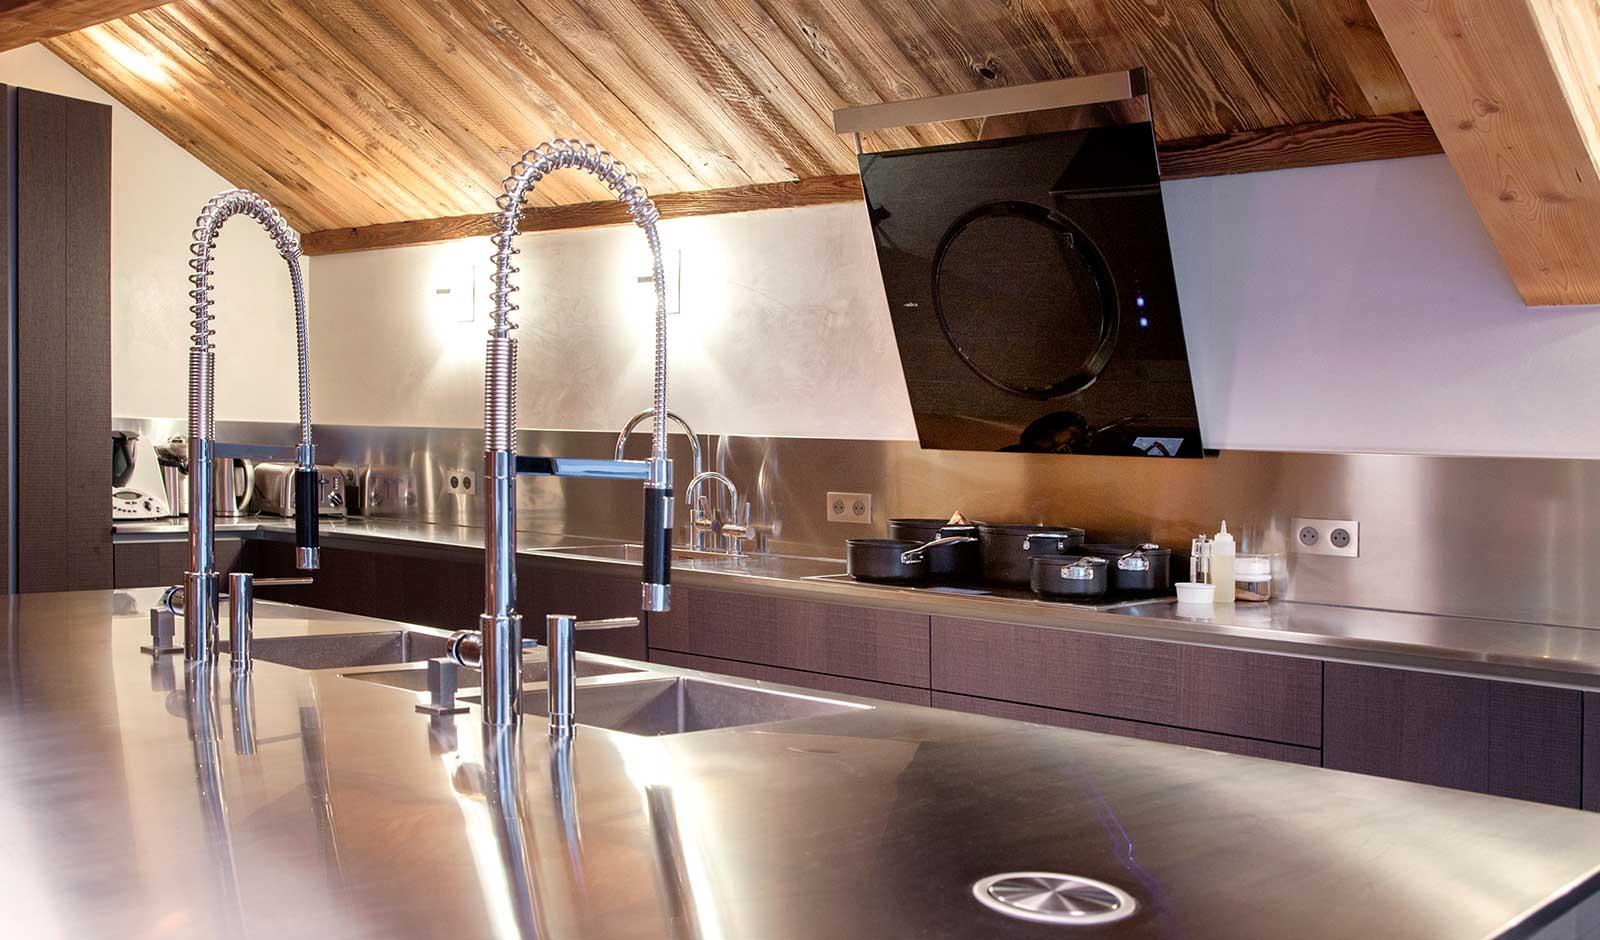 chalet-mont-tremblant-10-atelier-crea-and-co-architecte-design-project-manager-meribel-savoie